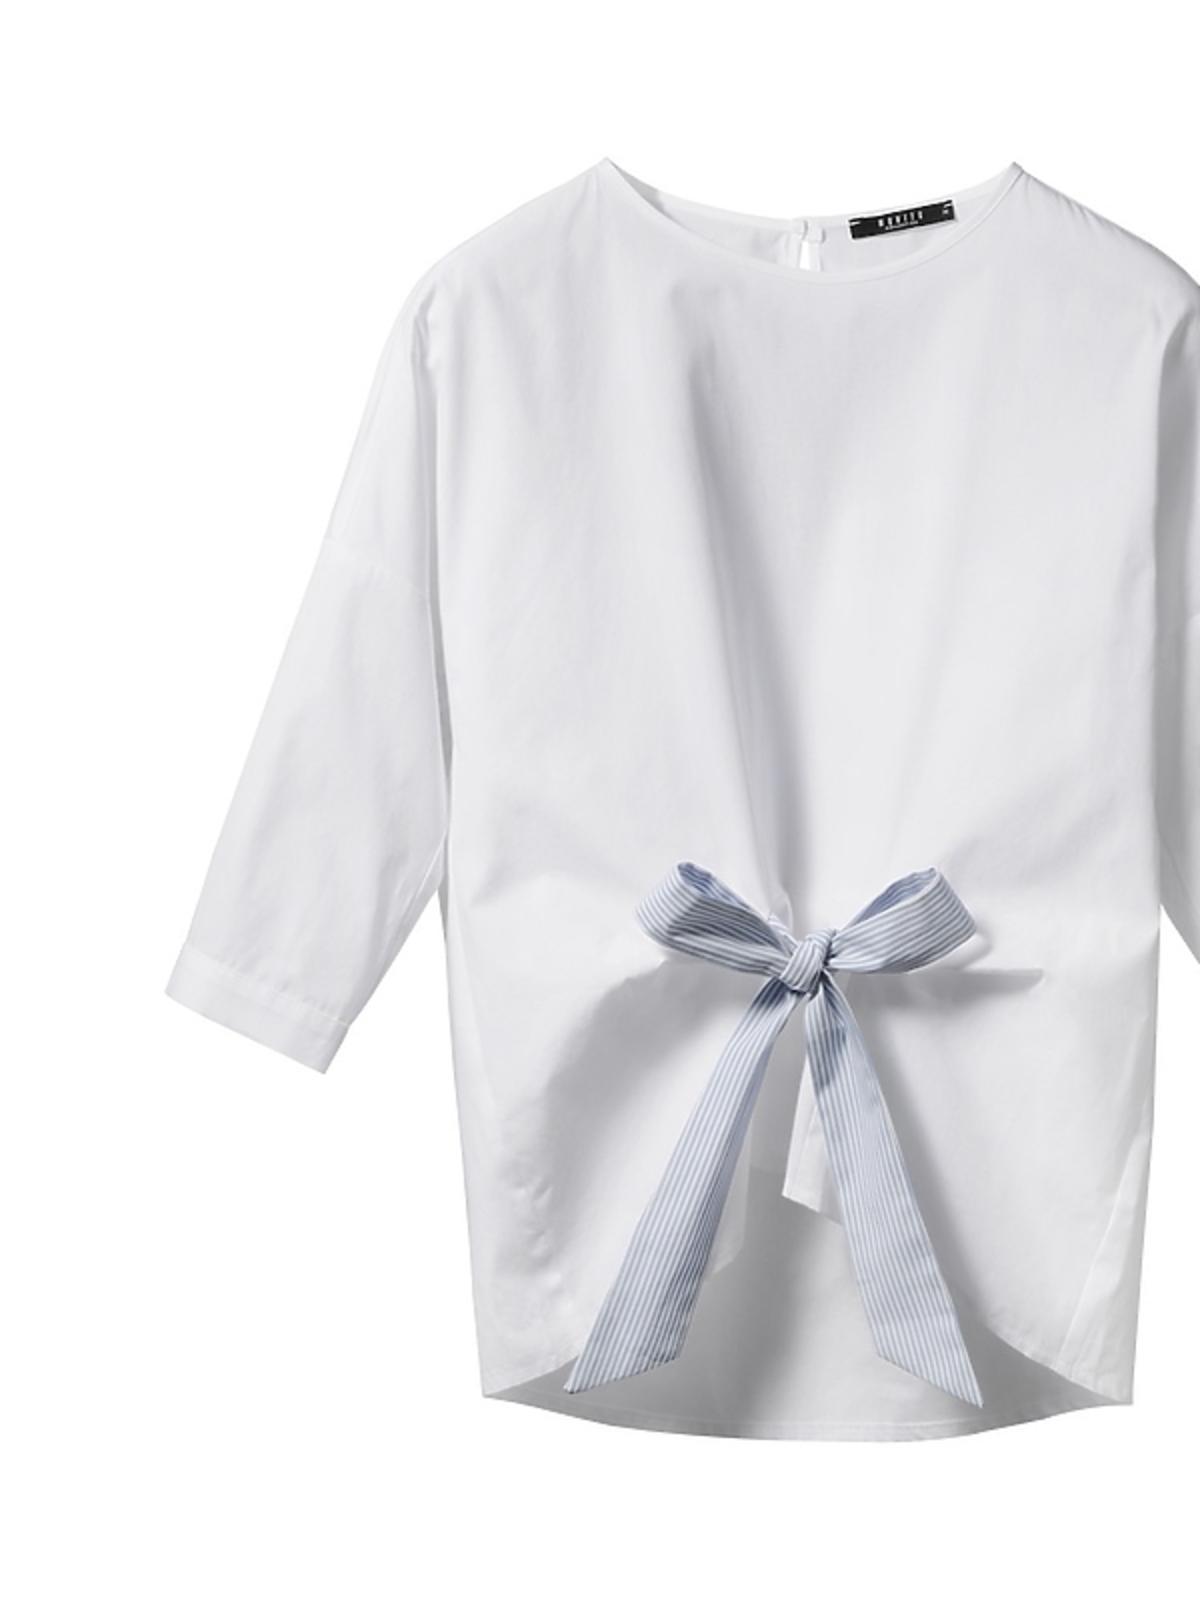 Biała bluzka z kokardą Mohito, 99,99 zł